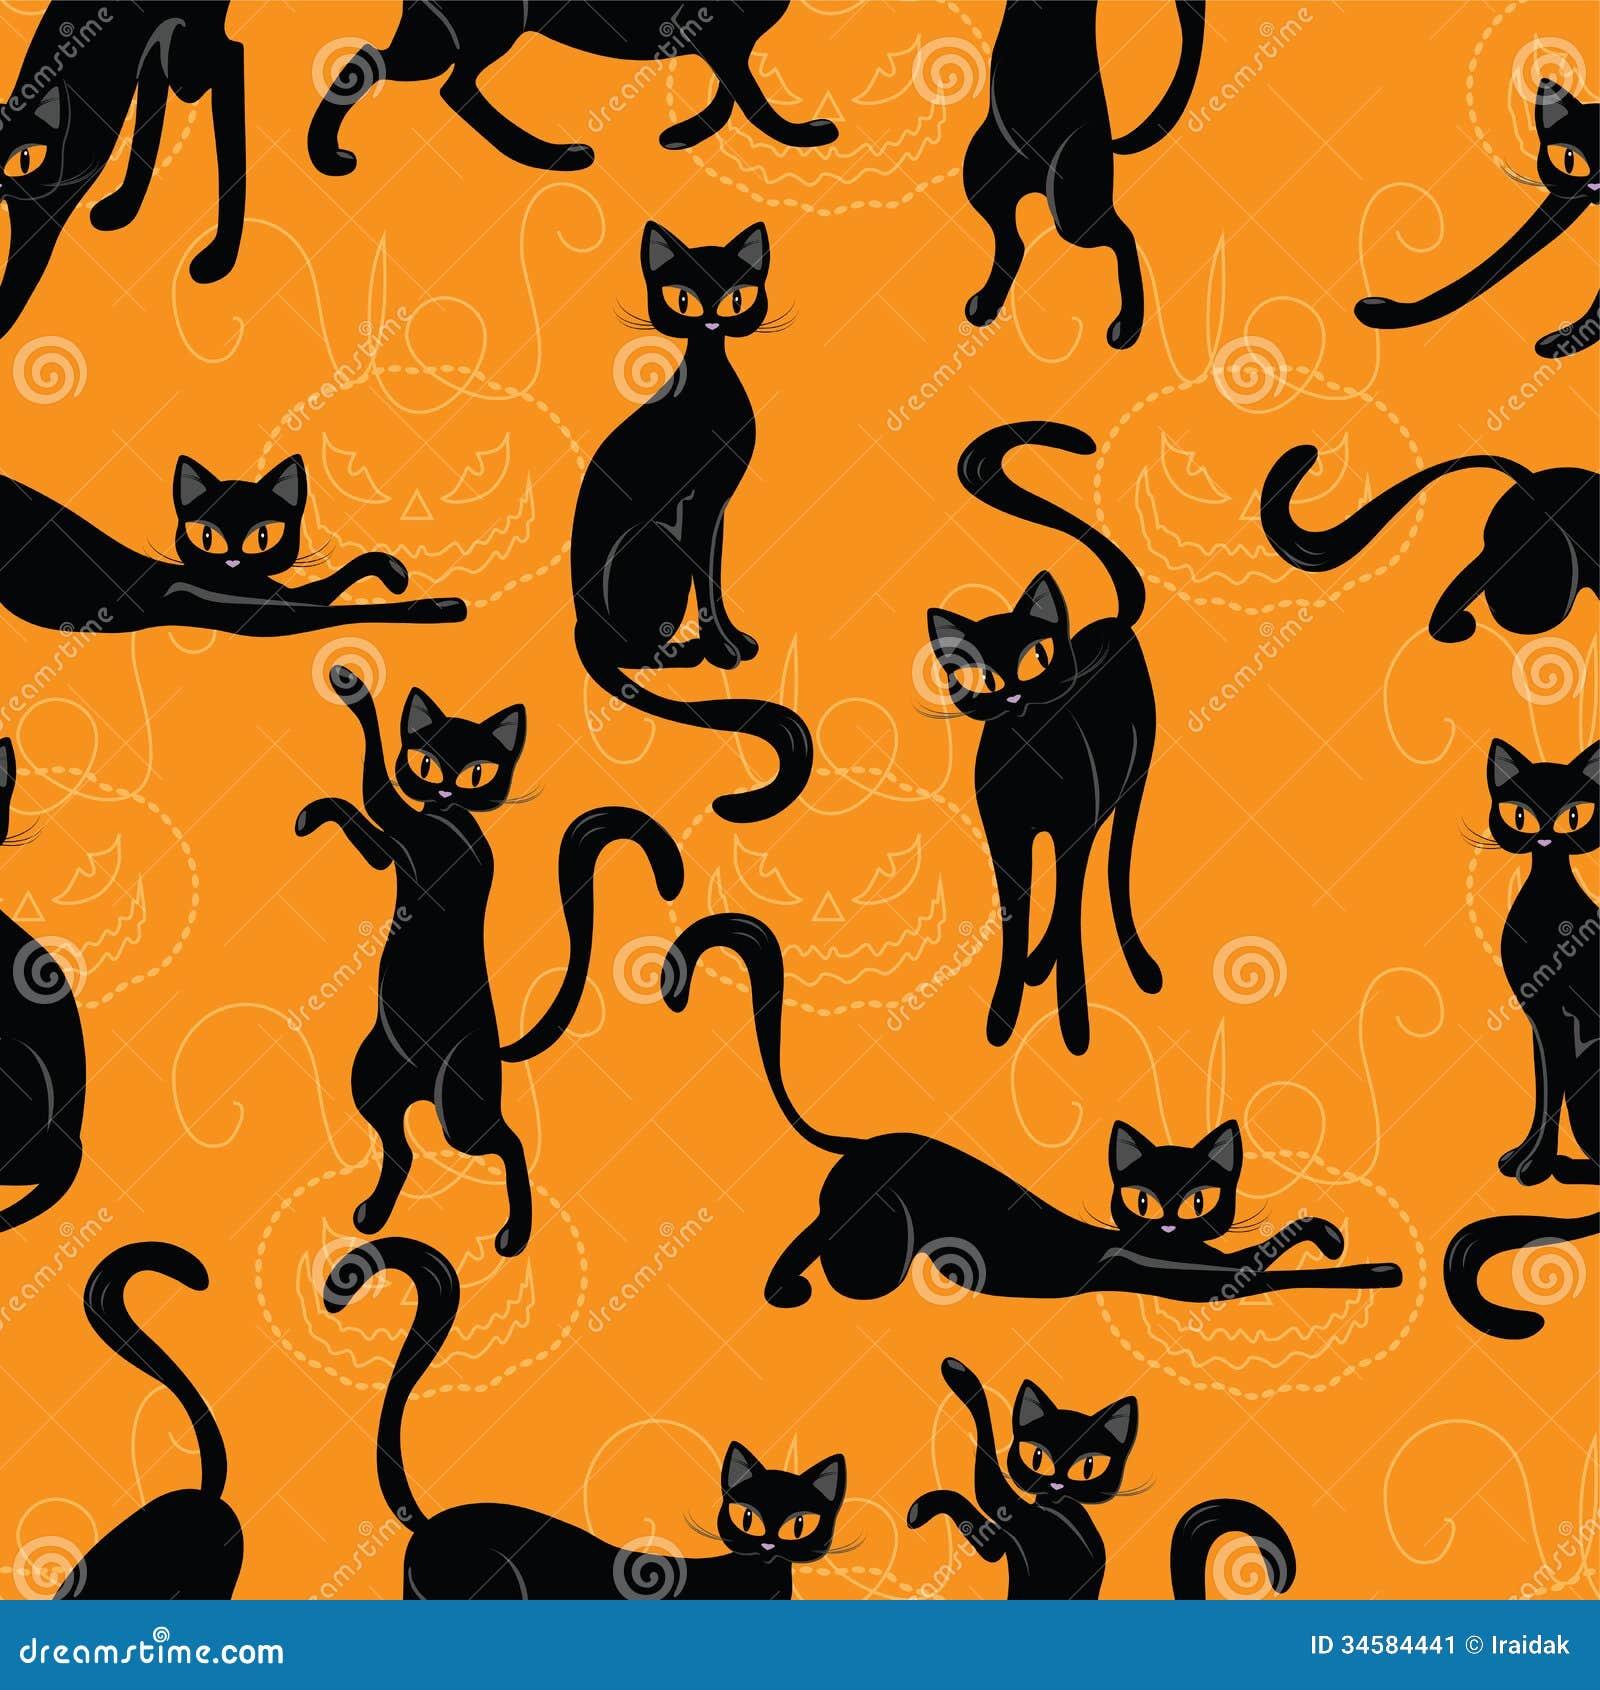 Cat Halloween stock vector. Illustration of autumn, greeting ...